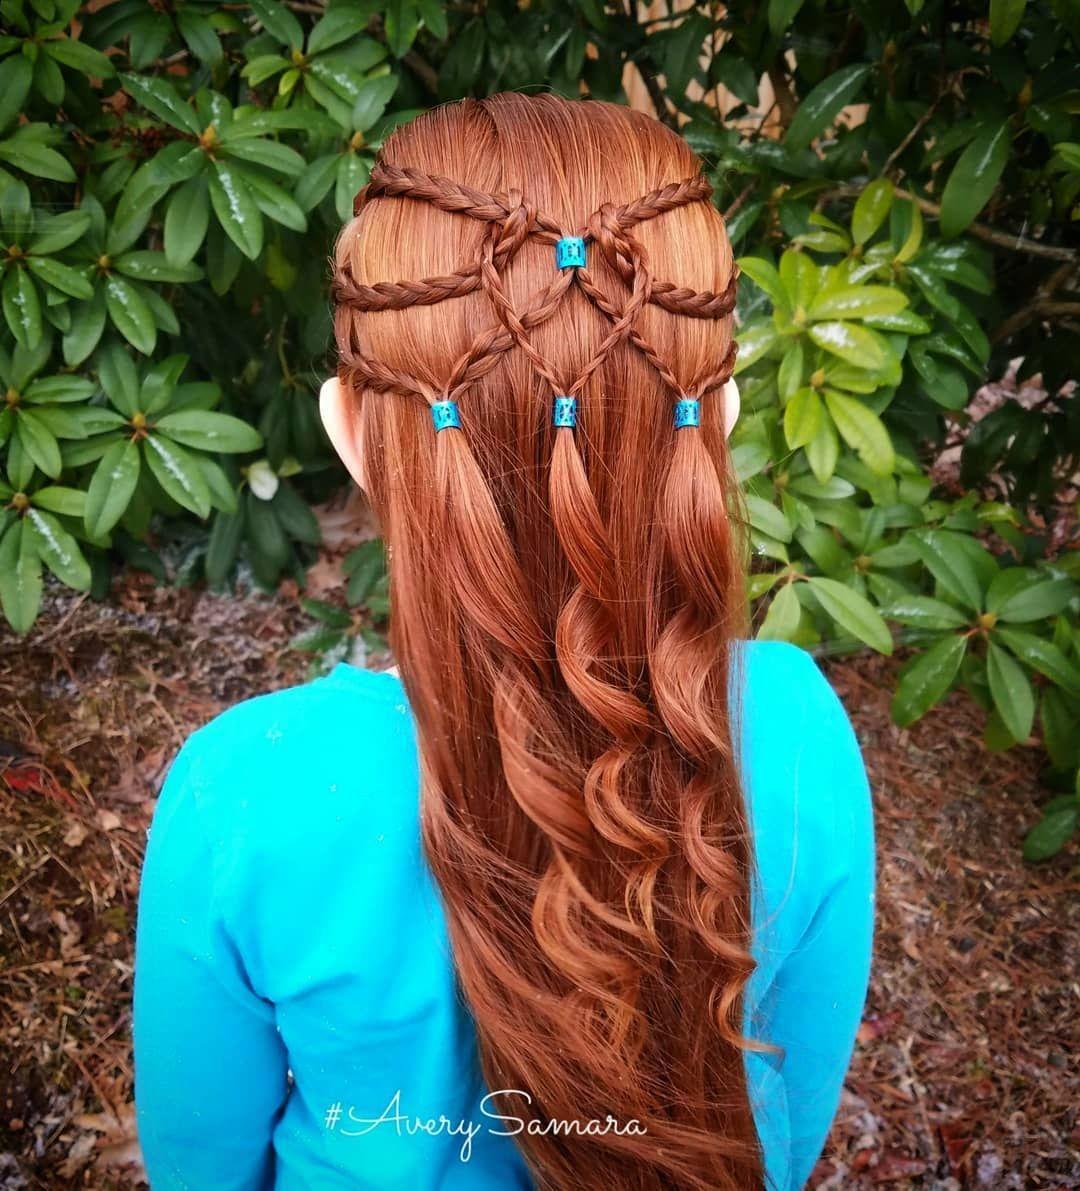 Heart braid fun braids easy hairstyles braids for kids hair